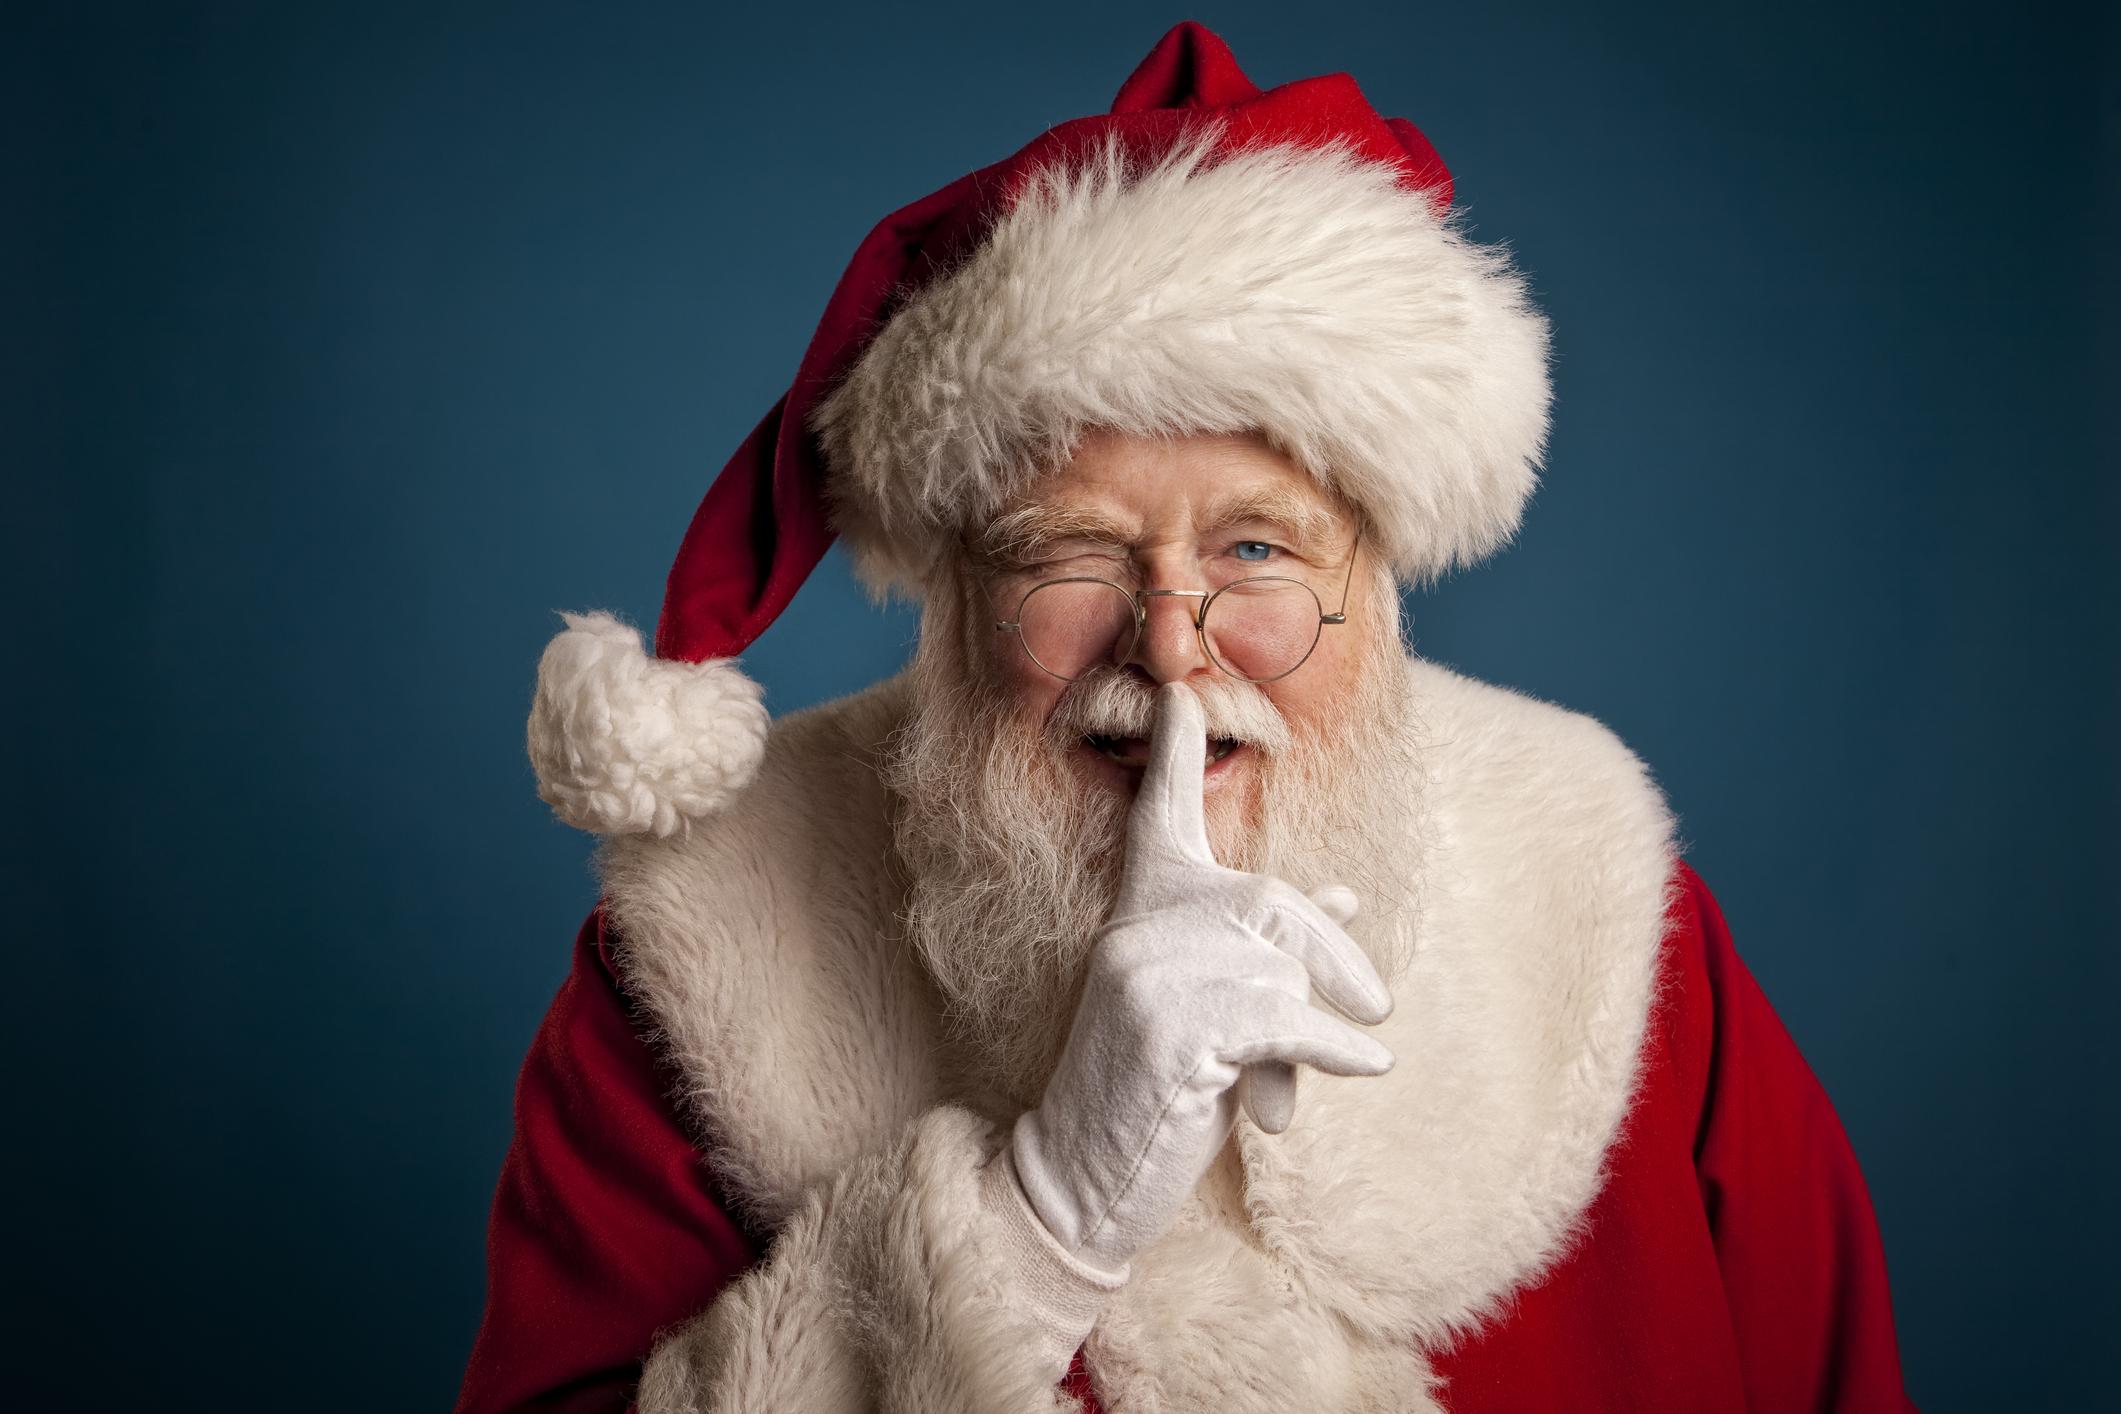 Babbo Natale Uomo Bello.Babbo Natale Non Esiste Pianetamamma It